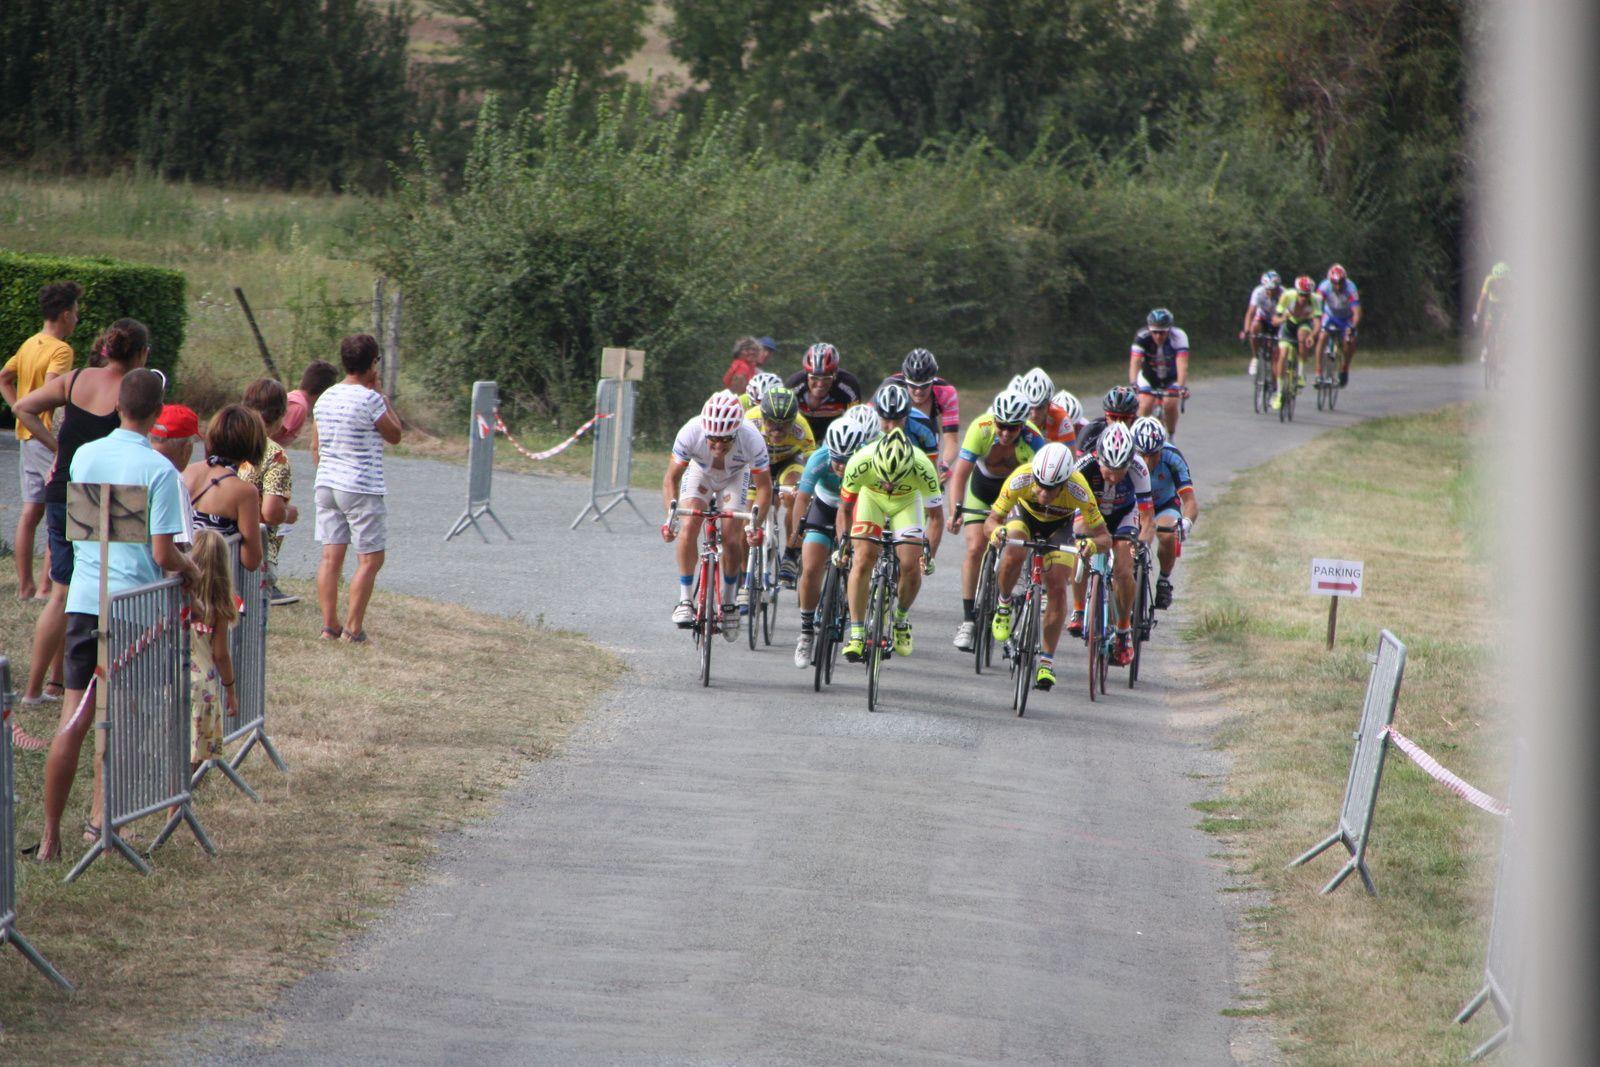 Regroupement  dans  le  dernier  tour   et  la  victoire  se  joue  au  sprint, elle  revient  à  un  individuel  Didier  PICHAUD.